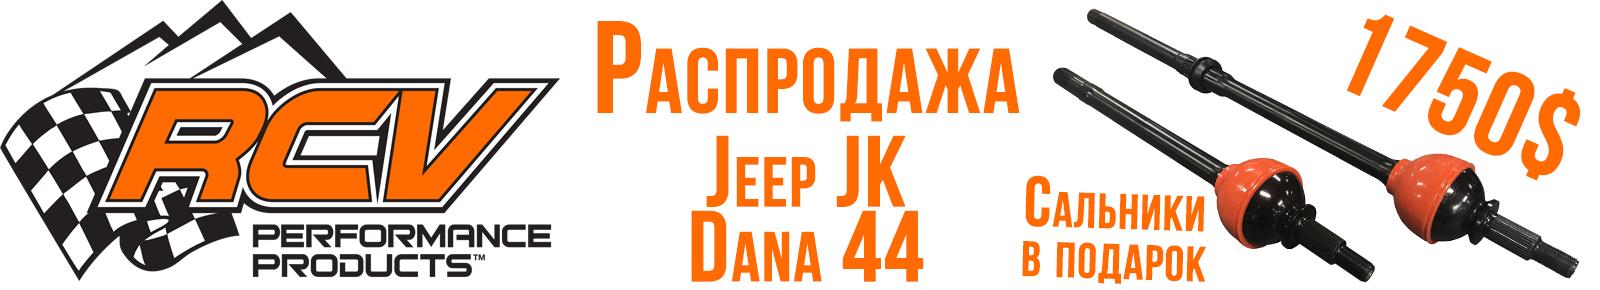 Усиленный комплект полуосей и шрусов, для моста Dana 44